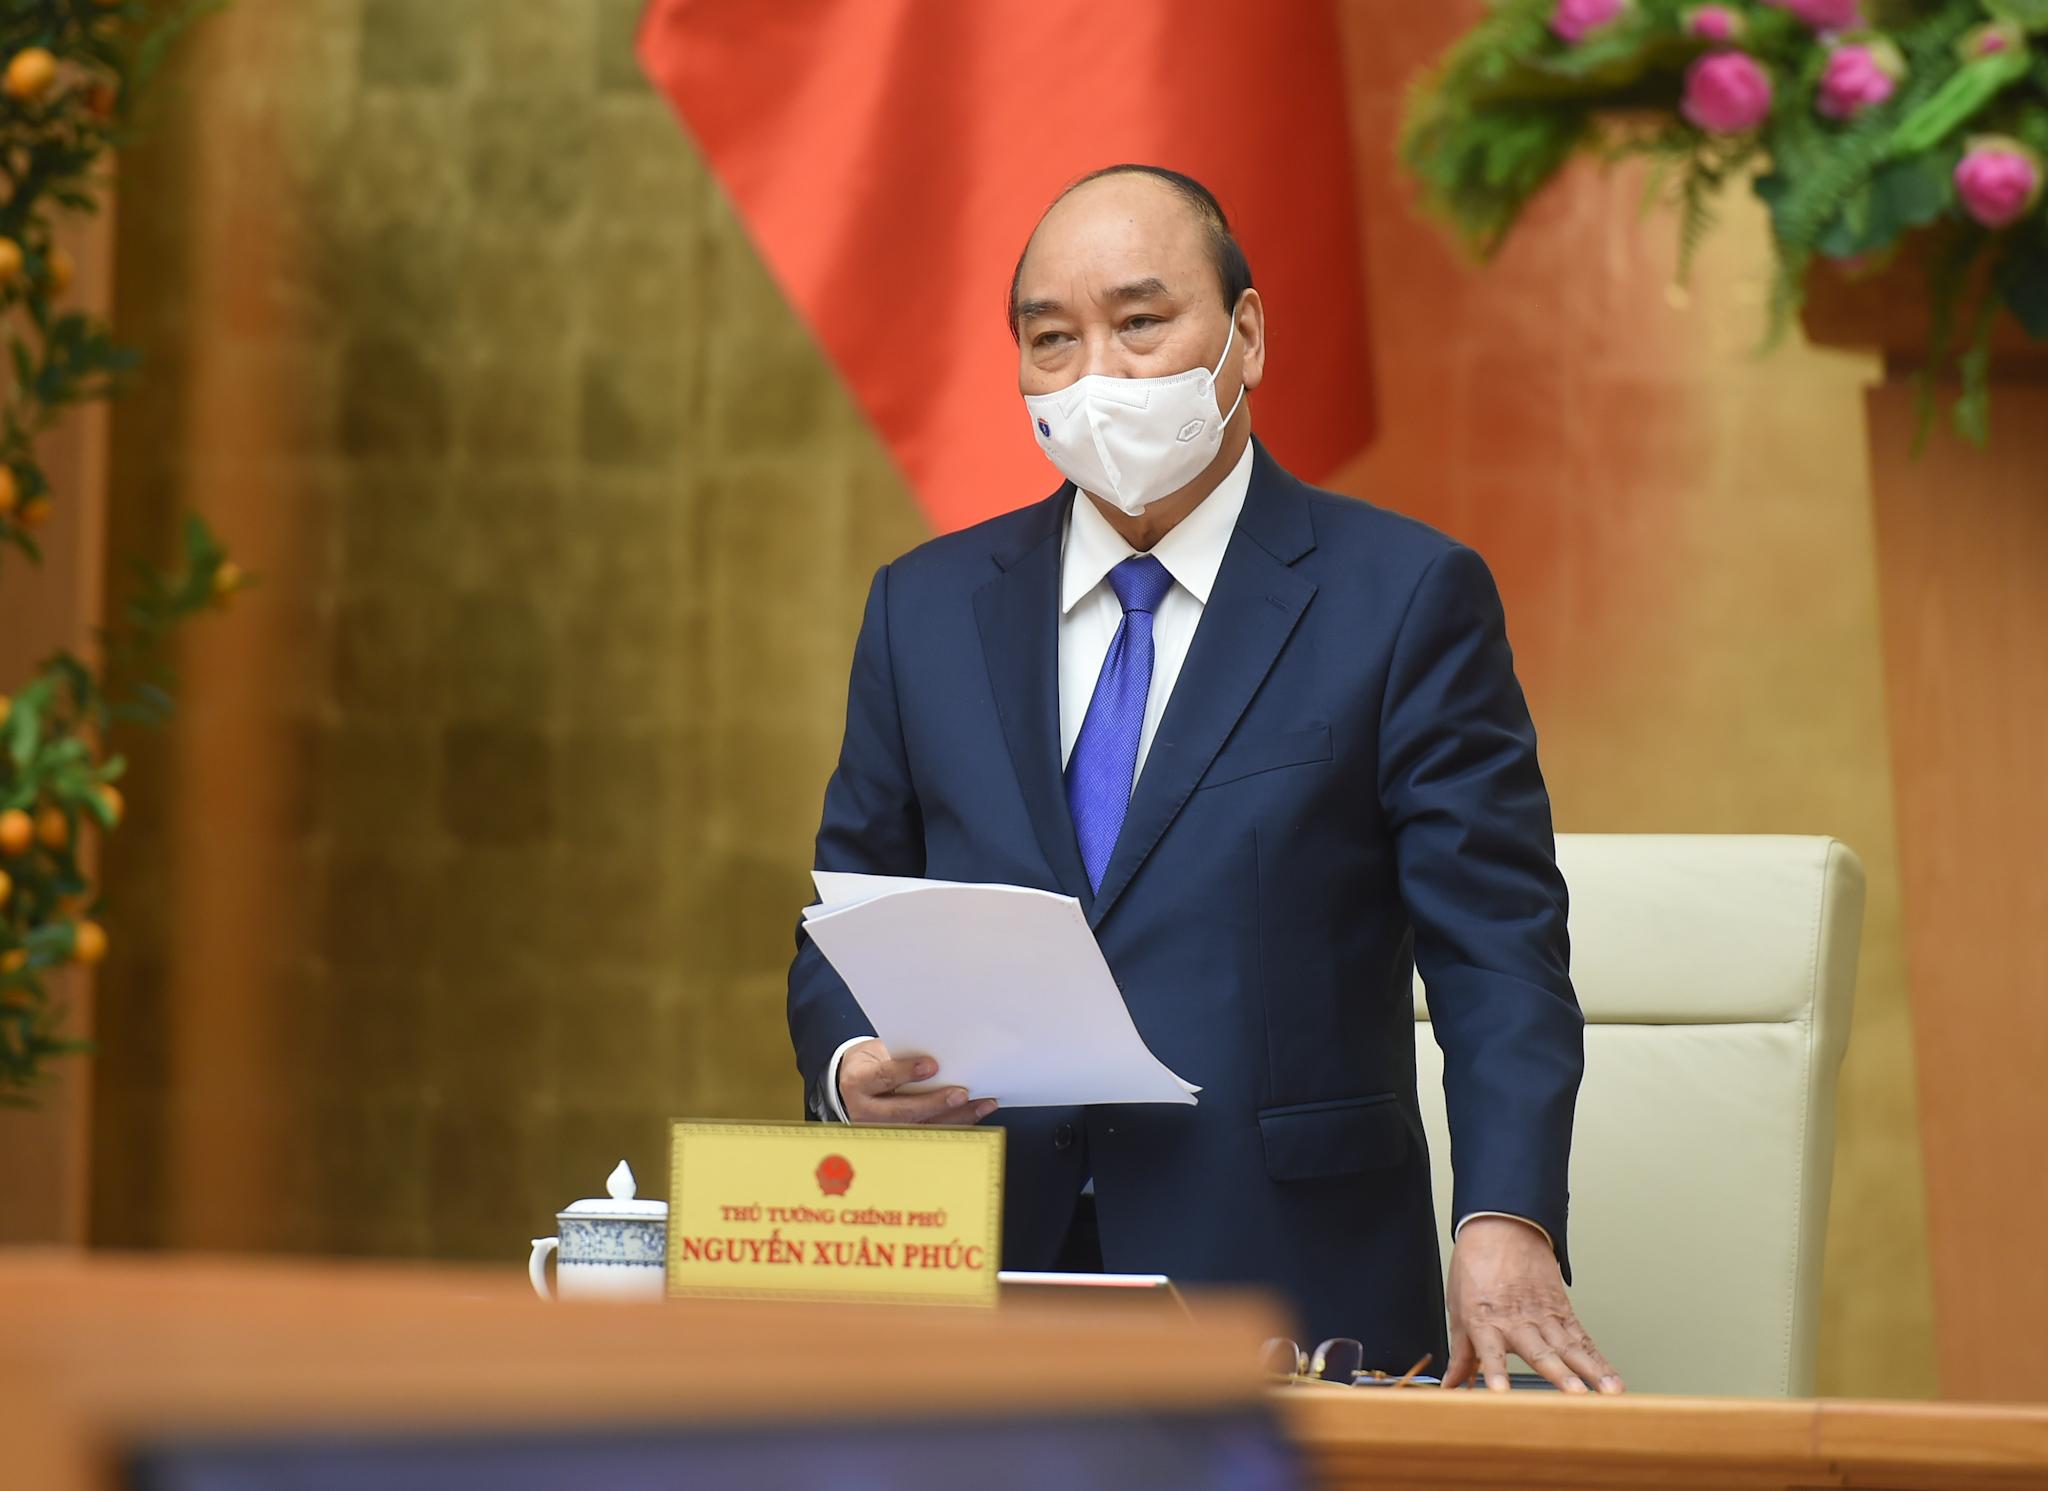 Thủ tướng Nguyễn Xuân Phúc phát biểu mở đầu cuộc họp. - Ảnh: VGP/Quang Hiếu